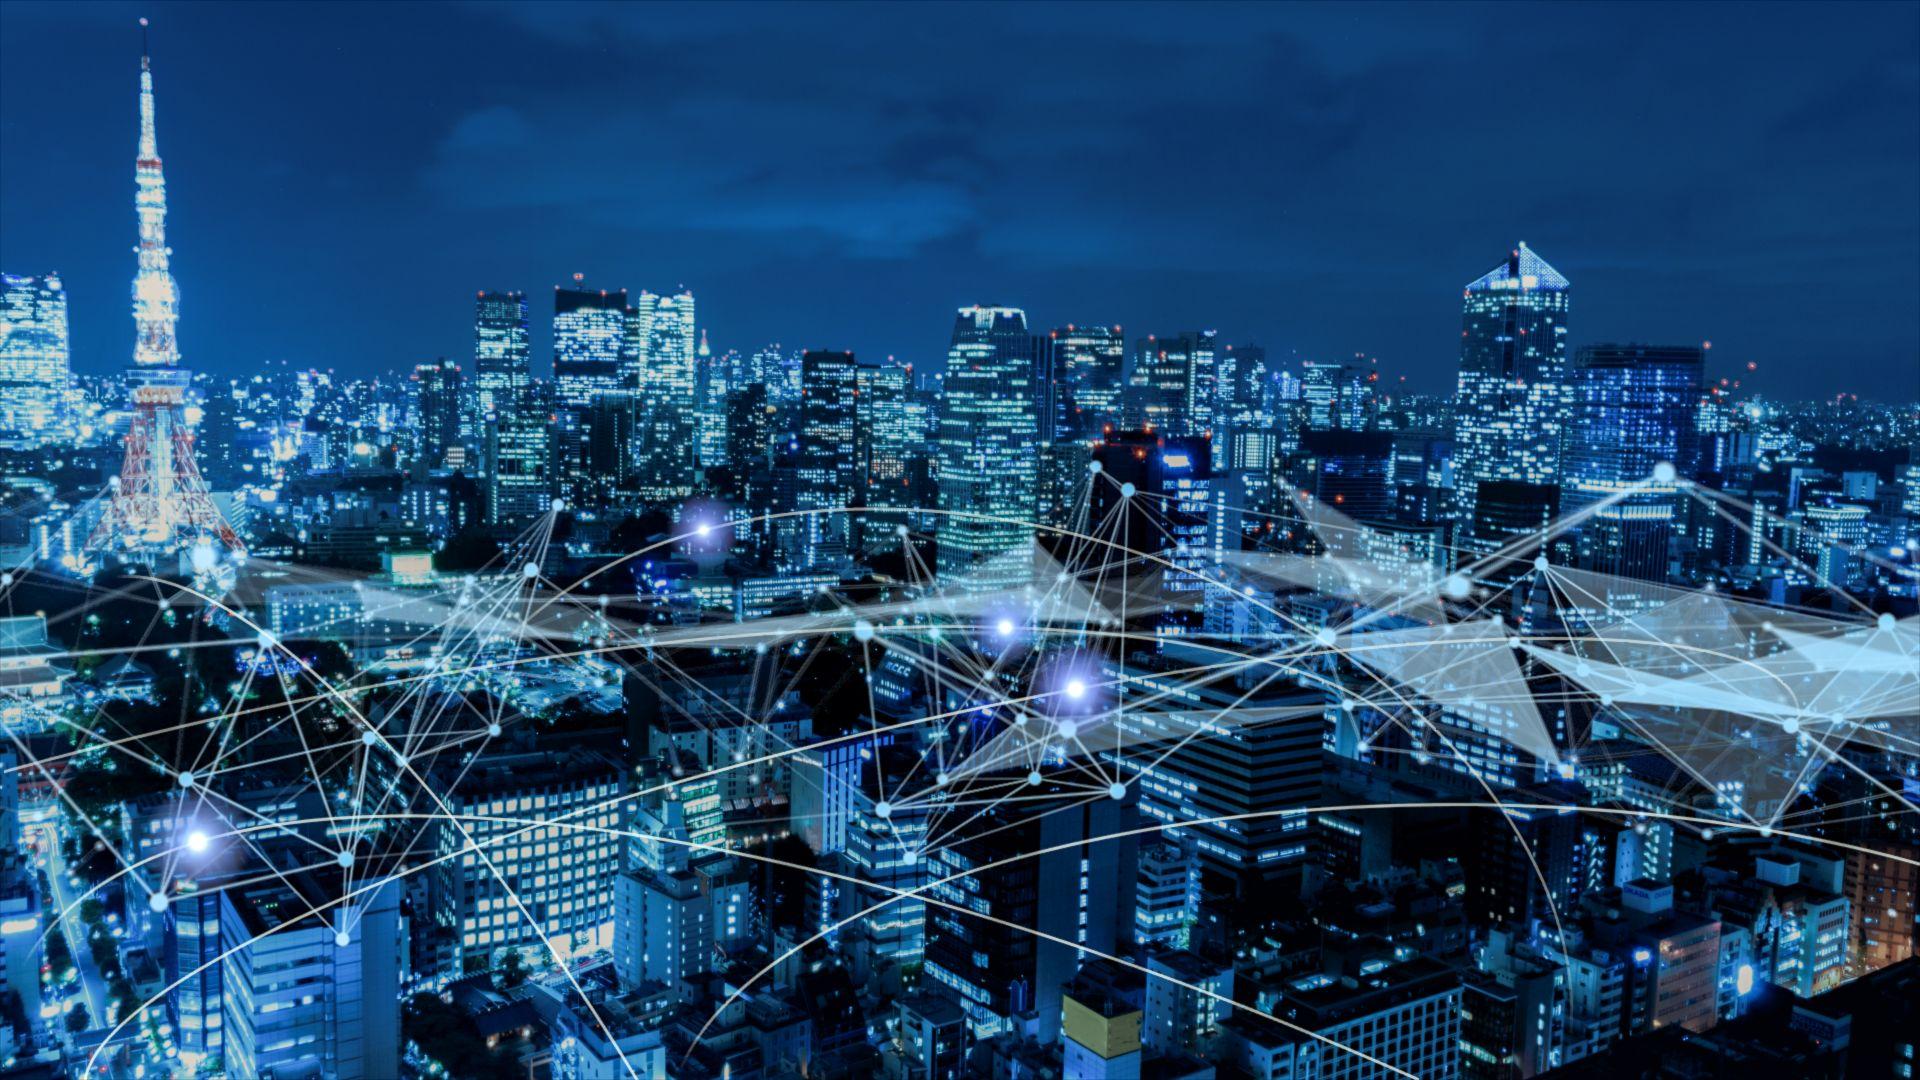 ИТ тенденциите във финтех през 2021 г. и какво означава това за клиентите